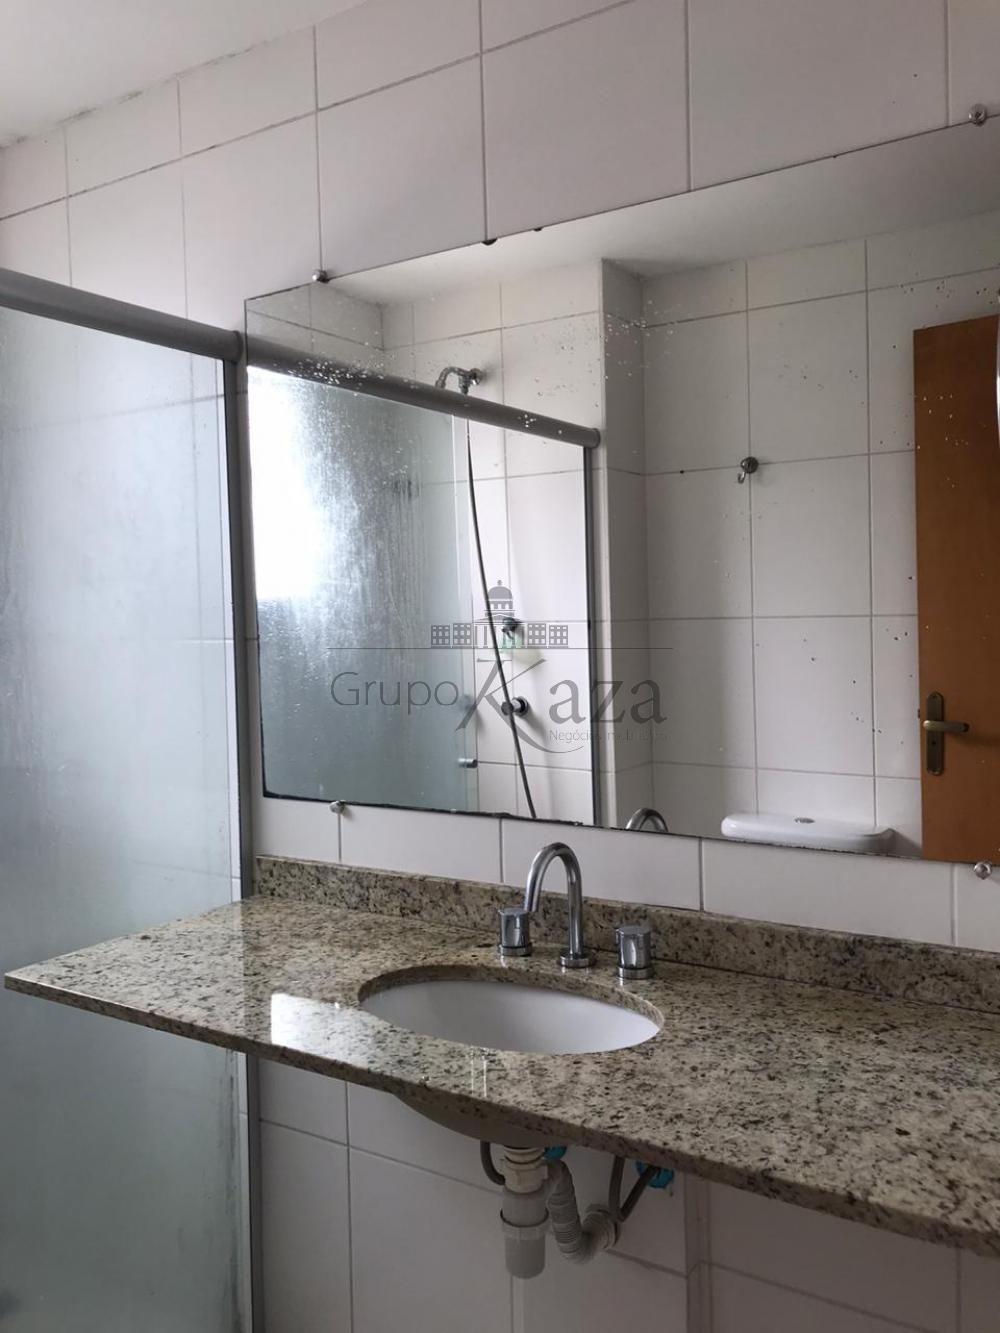 Alugar Apartamento / Padrão em São José dos Campos R$ 3.000,00 - Foto 16